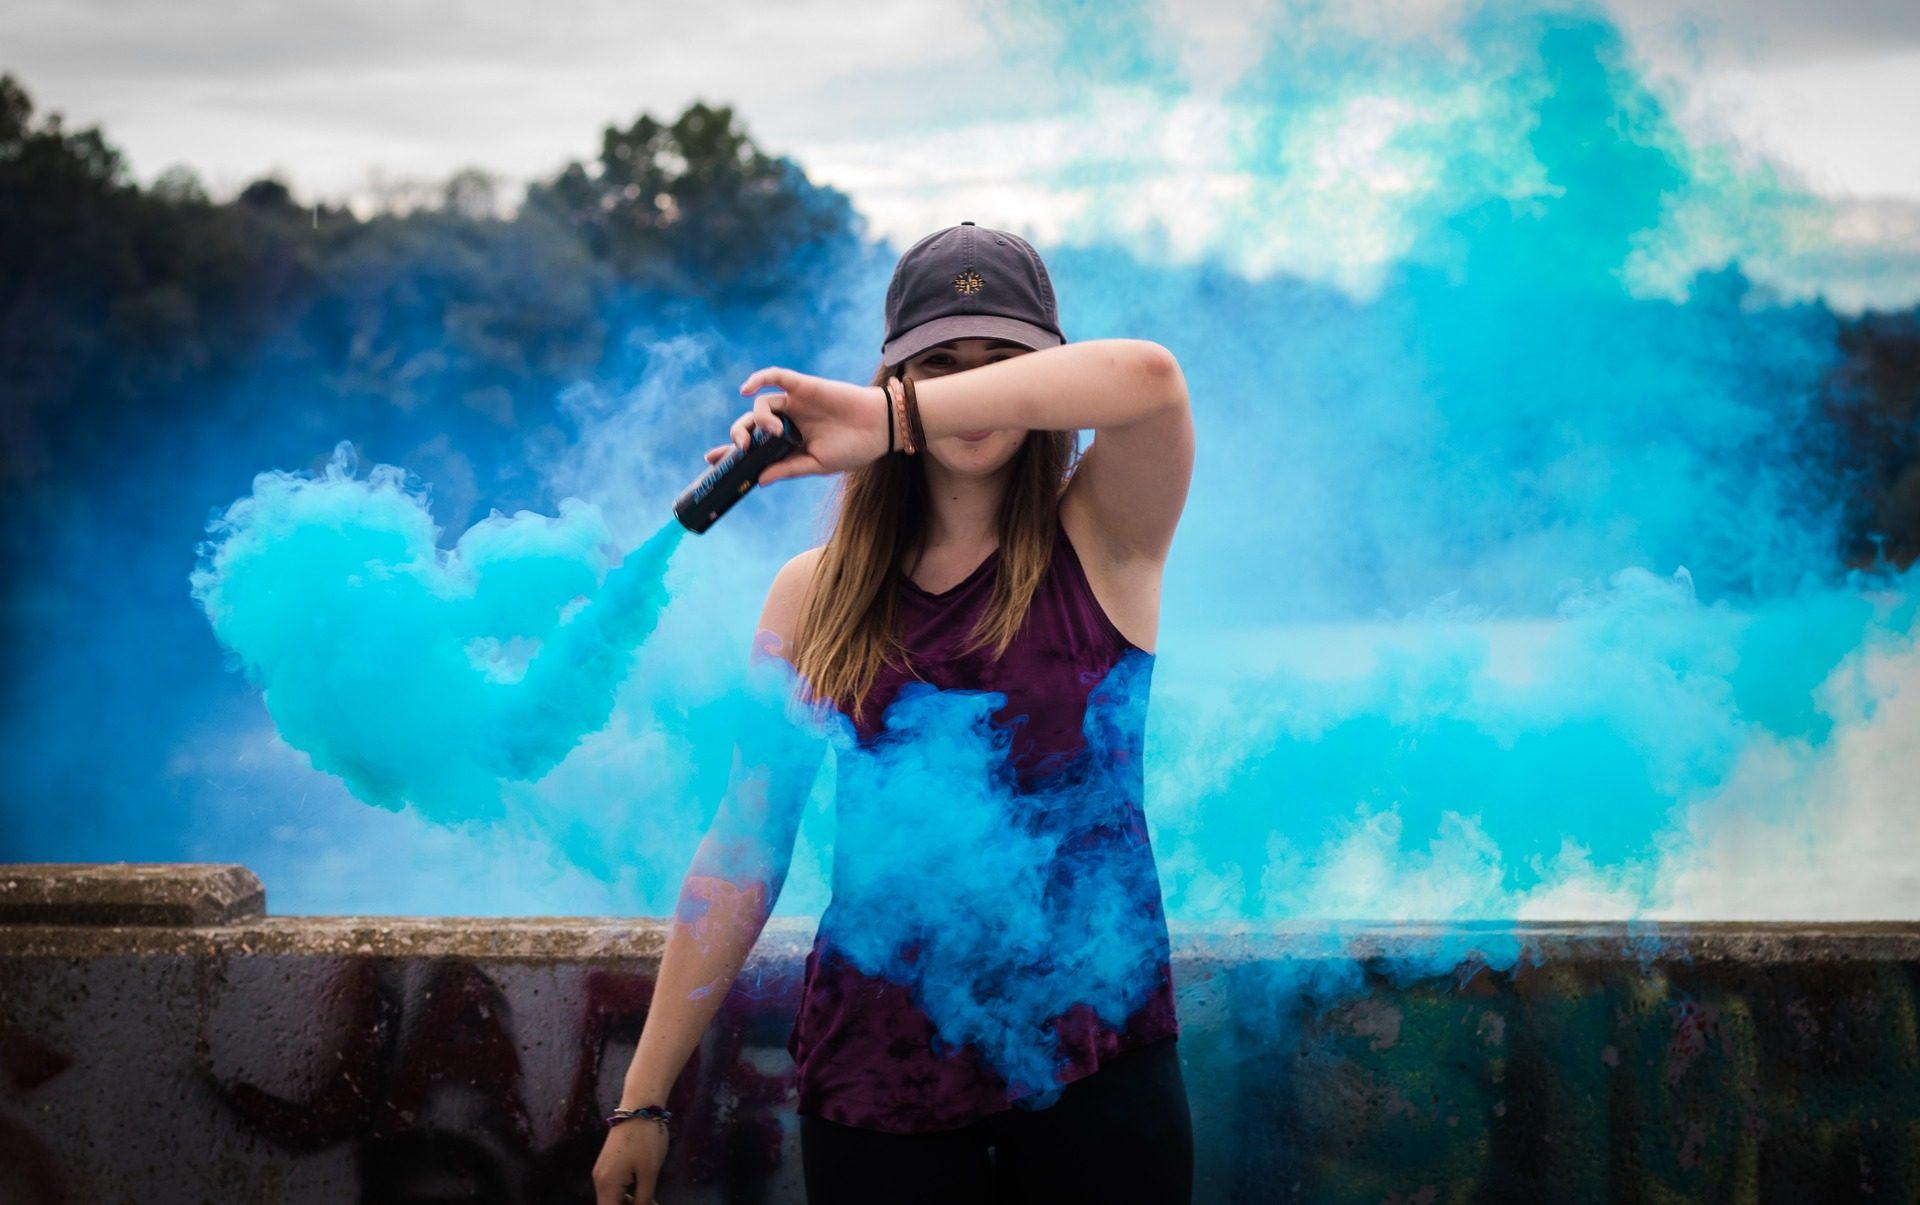 γυναίκα, ΚΓΠ, καπνός, Μπλε, αέρα - Wallpapers HD - Professor-falken.com